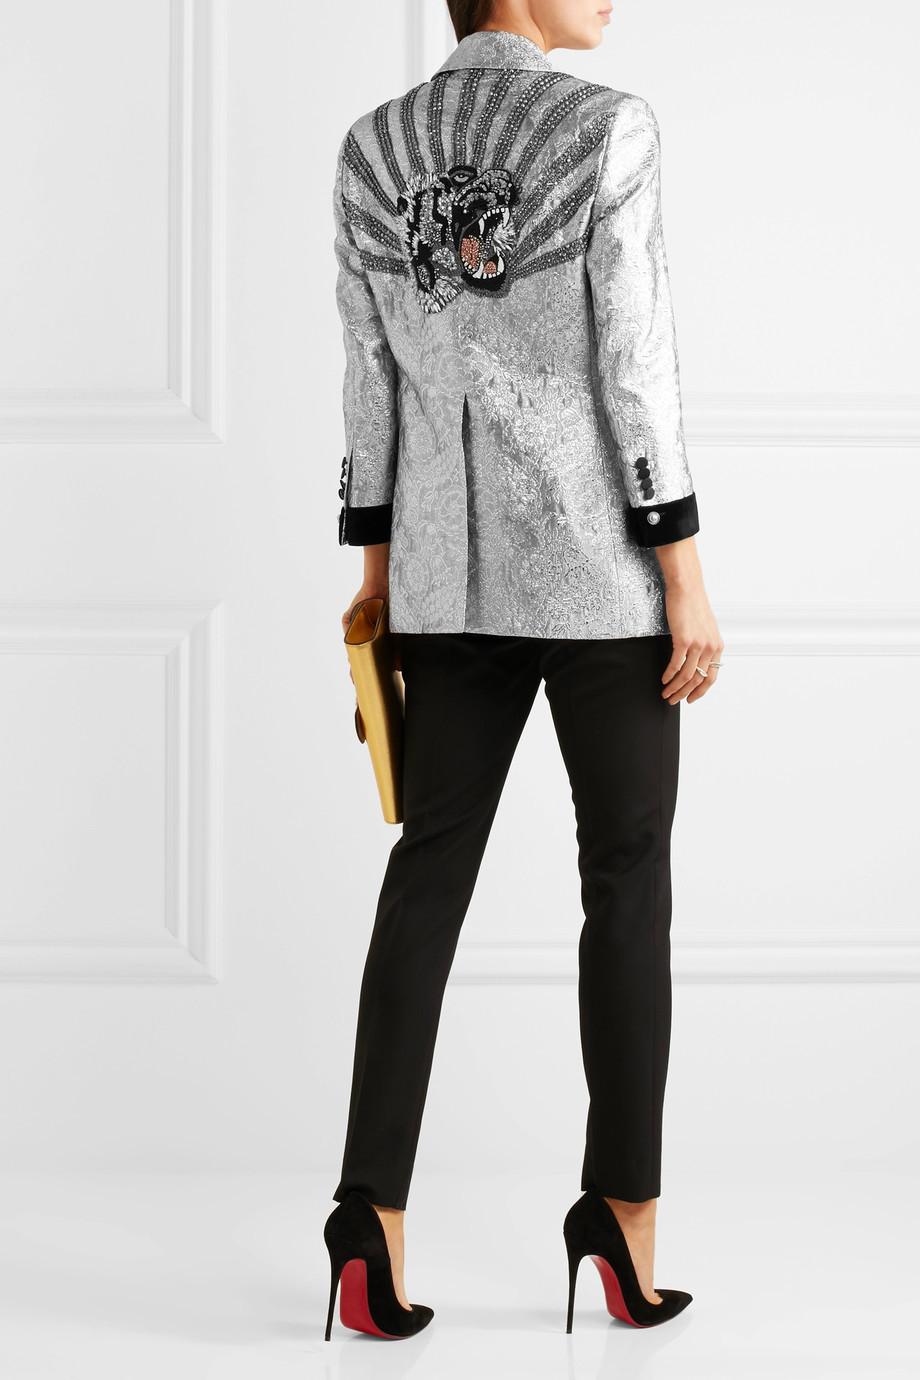 Gucci Velvet-trimmed embellished metallic brocade blazer $7,300